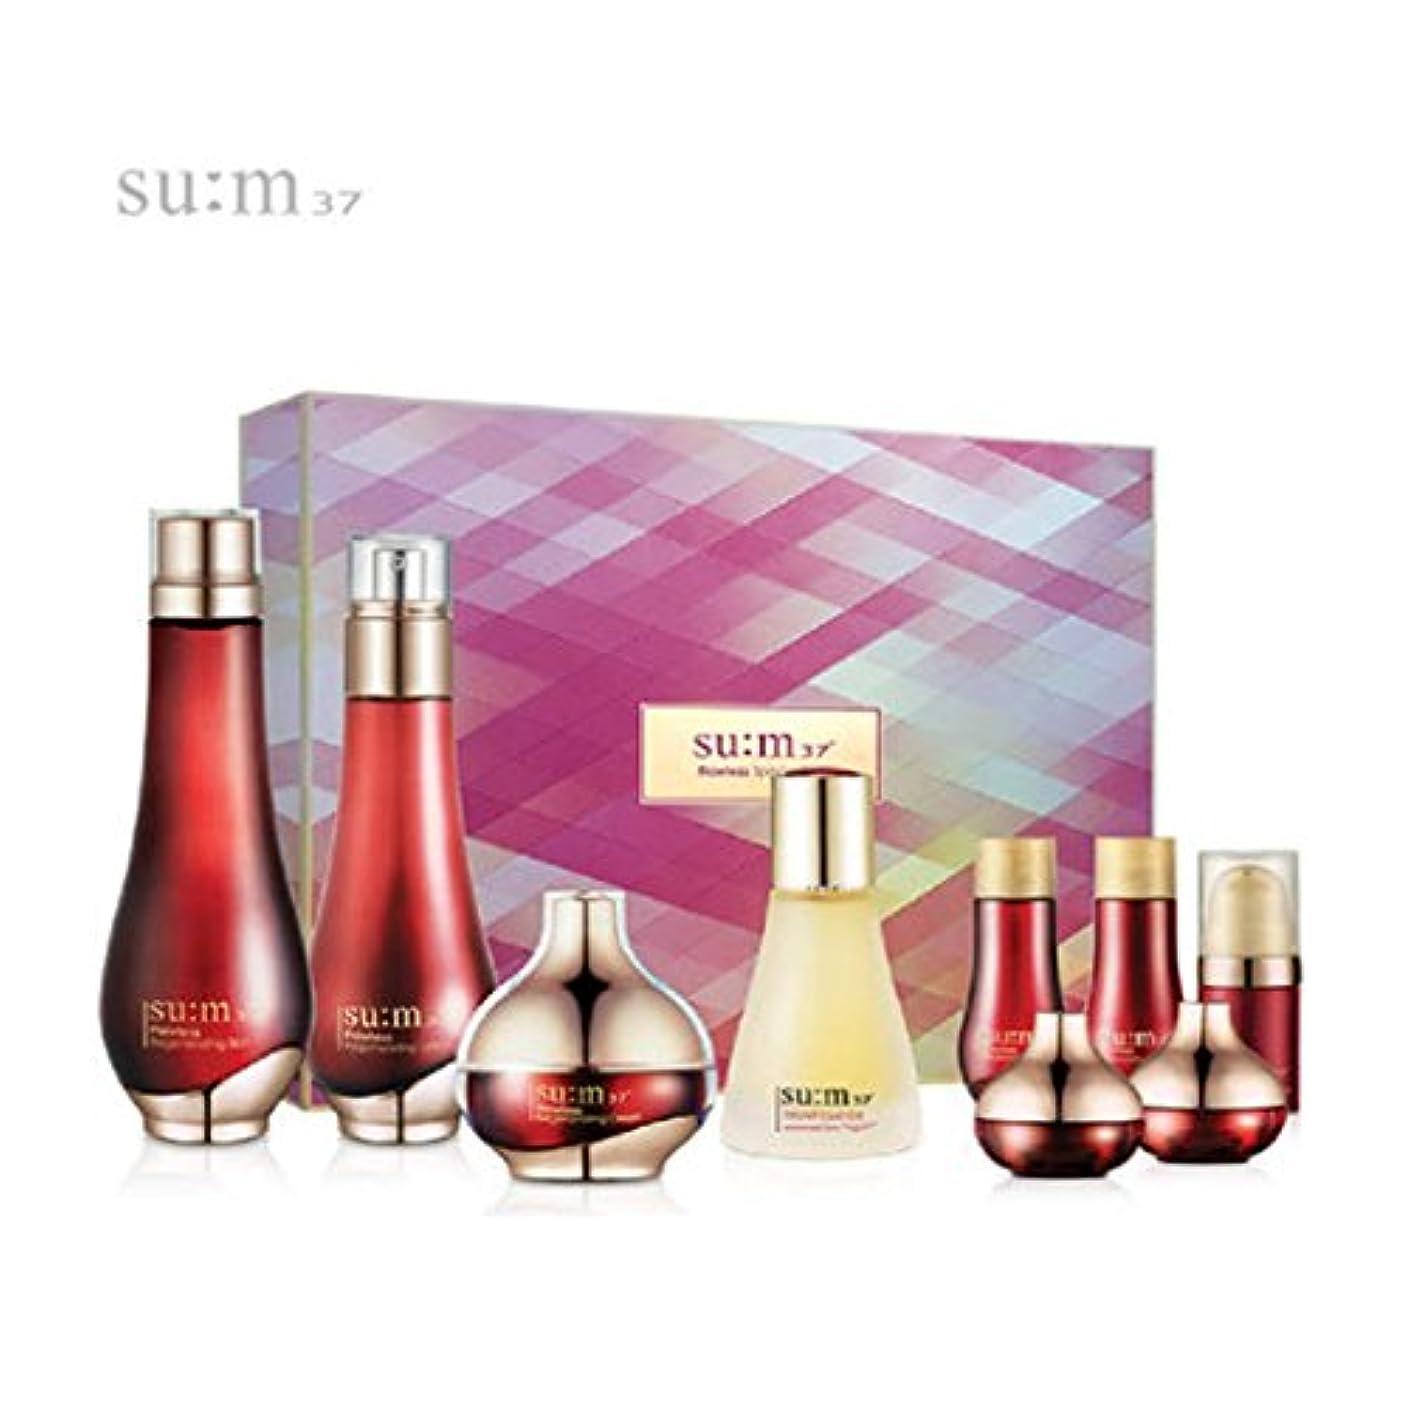 ペルーシュガー少ない[su:m37/スム37°]Flawless 3pcs Special Limited Skincare Set/フローレス3種のスキンケアセット + [Sample Gift](海外直送品)